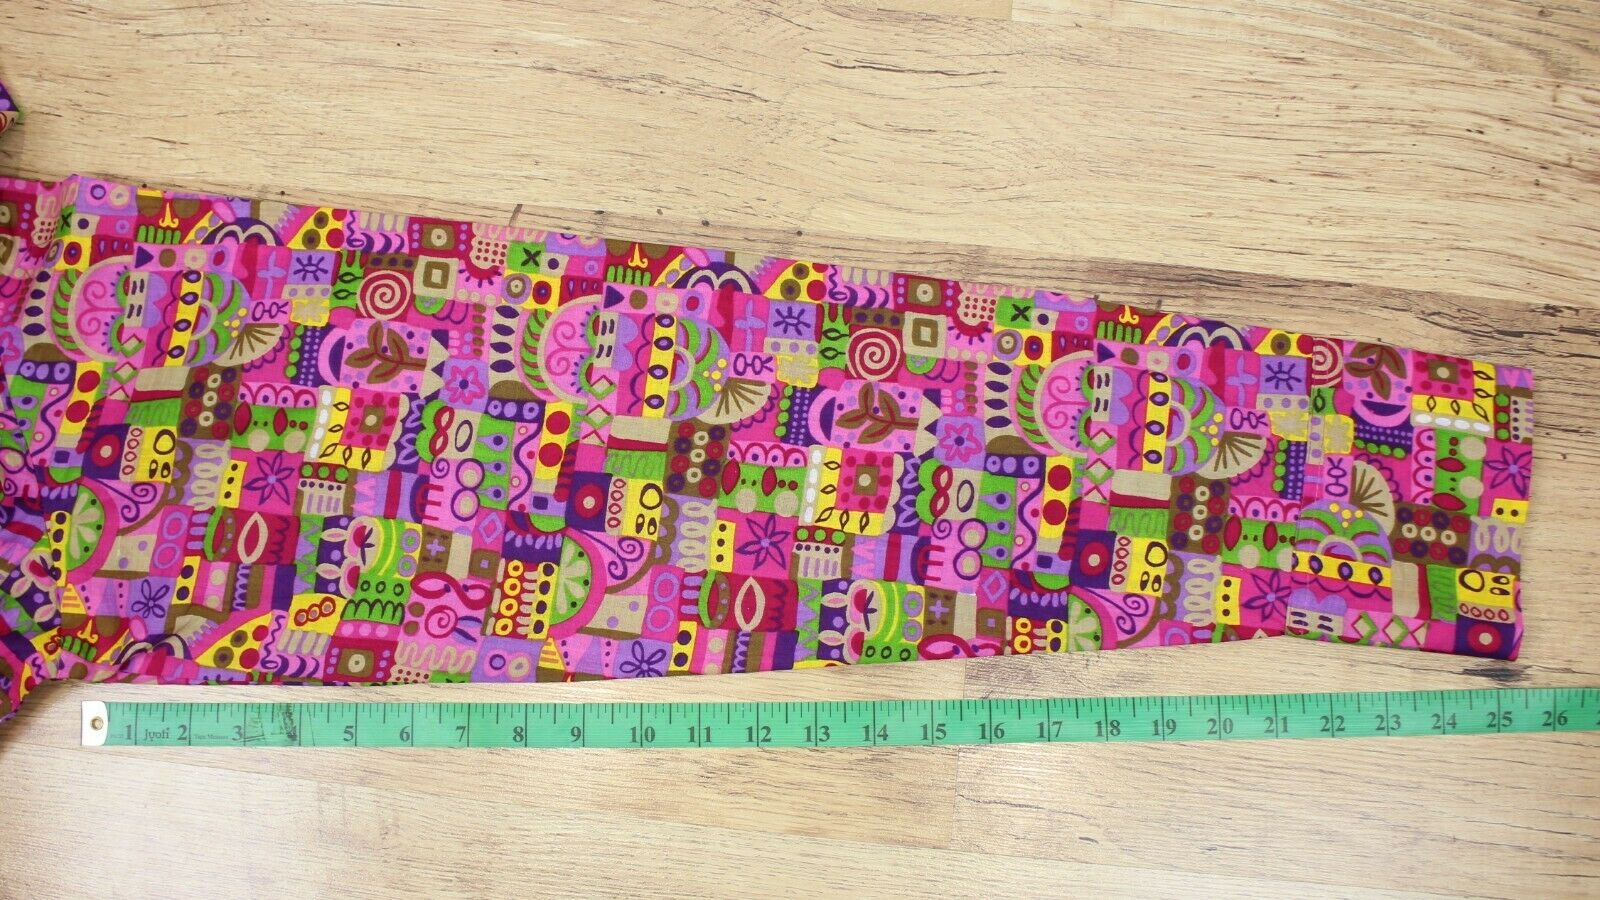 VINTAGE Da Da Da Uomo 70s Stile Crazy PUGNALE COLLARE Retro Psichedelico Festival Hippie Camicia L 915b85